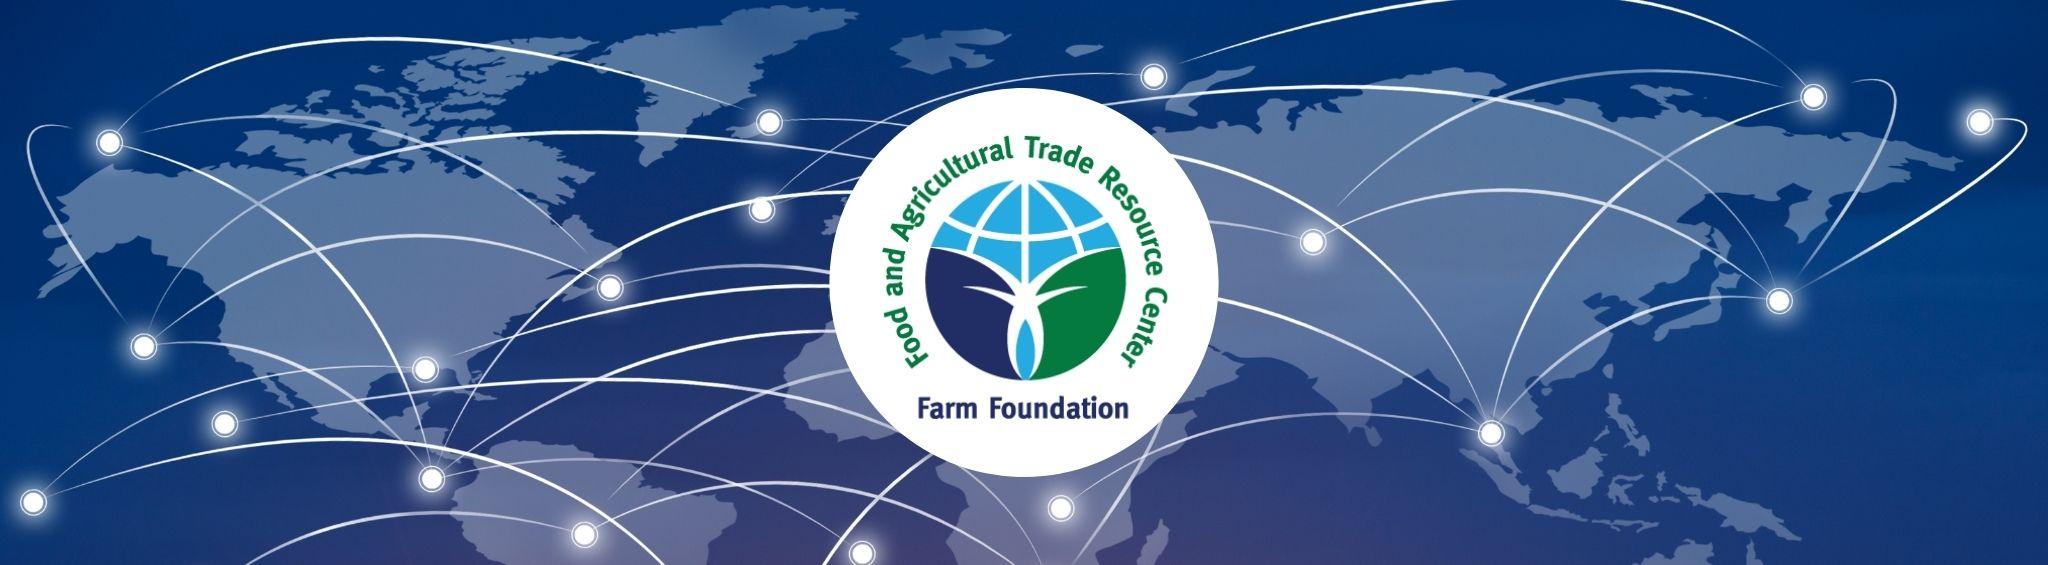 Trade_Resource_Center_Header